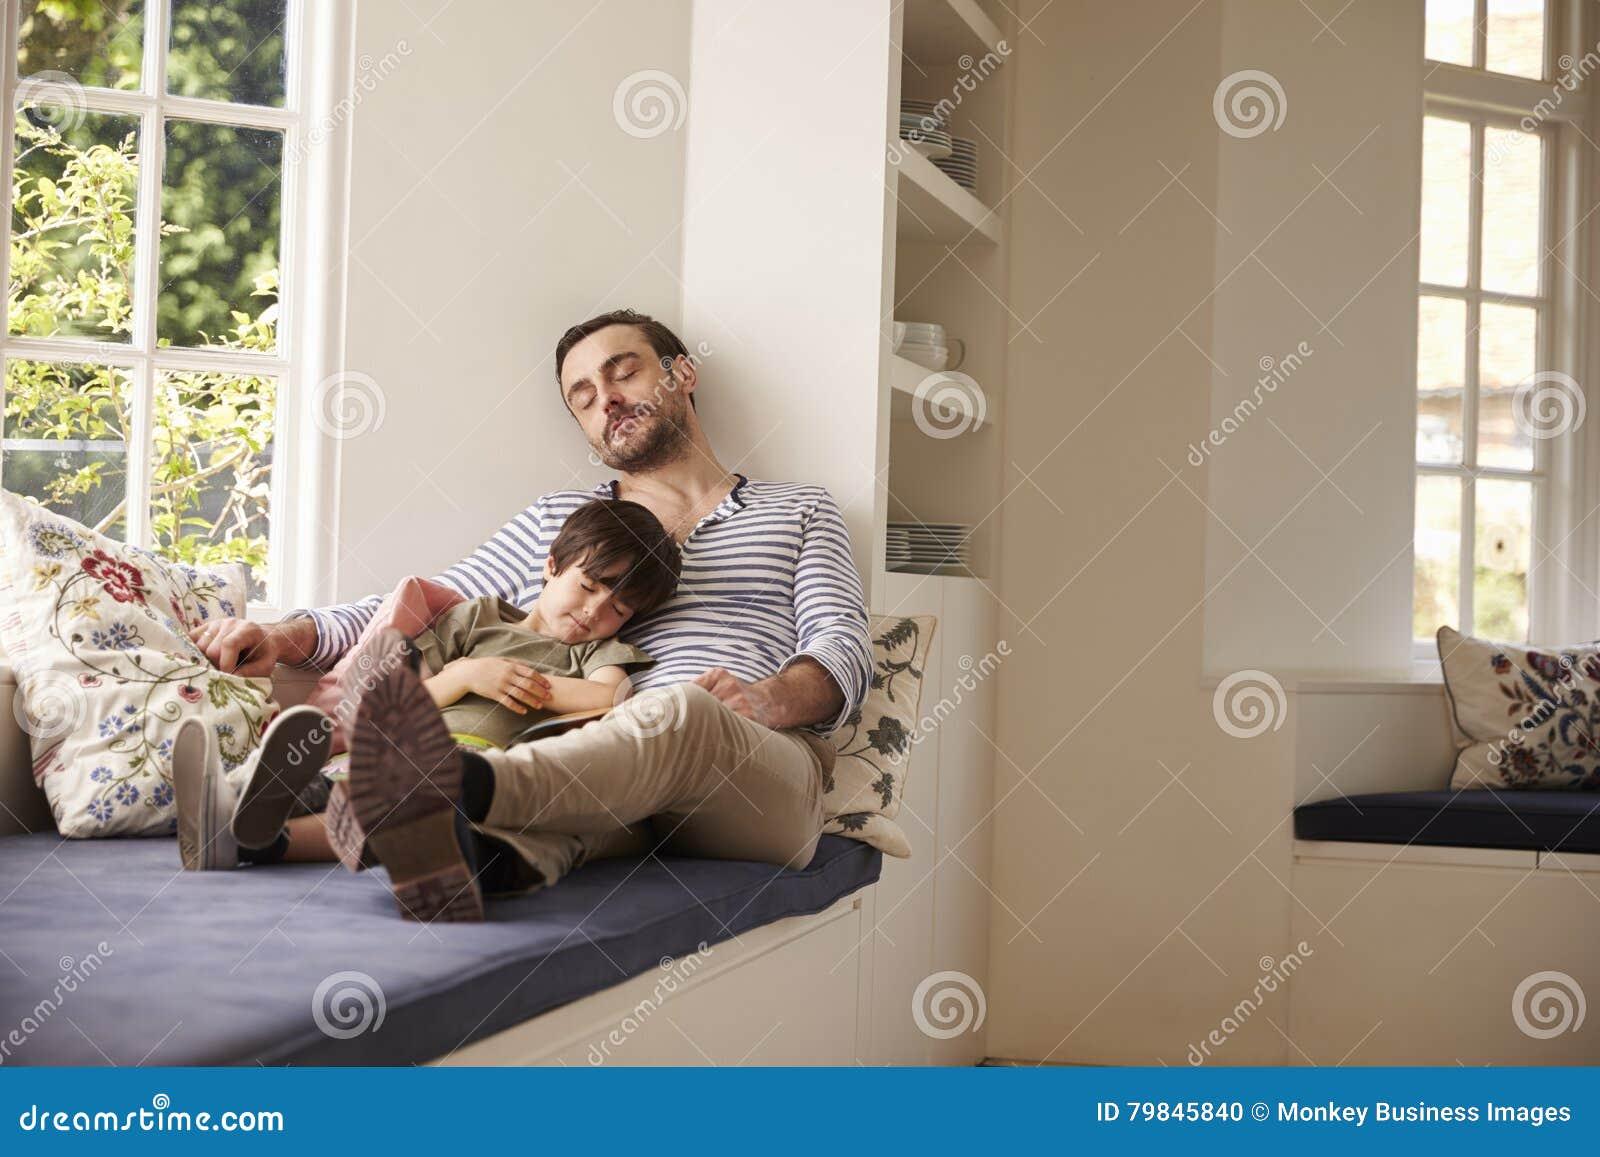 在家睡觉在靠窗座位的父亲和儿子一起